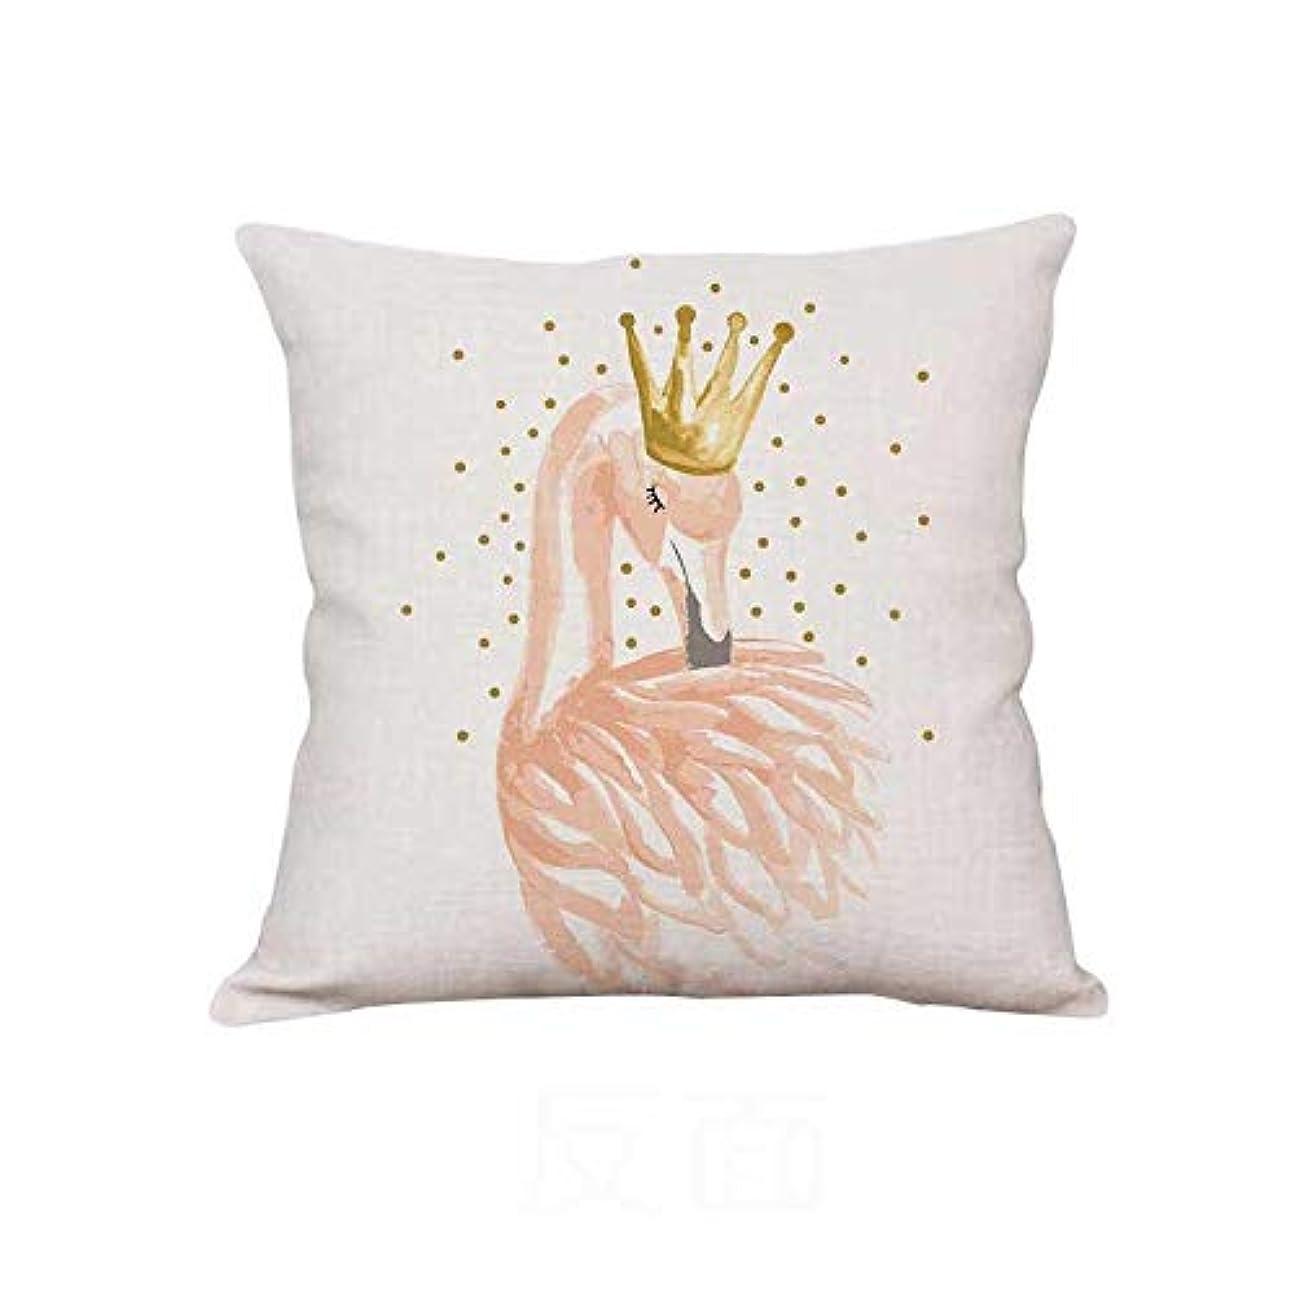 ペイント最初避けられないLIFE 新しいぬいぐるみピンクフラミンゴクッションガチョウの羽風船幾何北欧家の装飾ソファスロー枕用女の子ルーム装飾 クッション 椅子